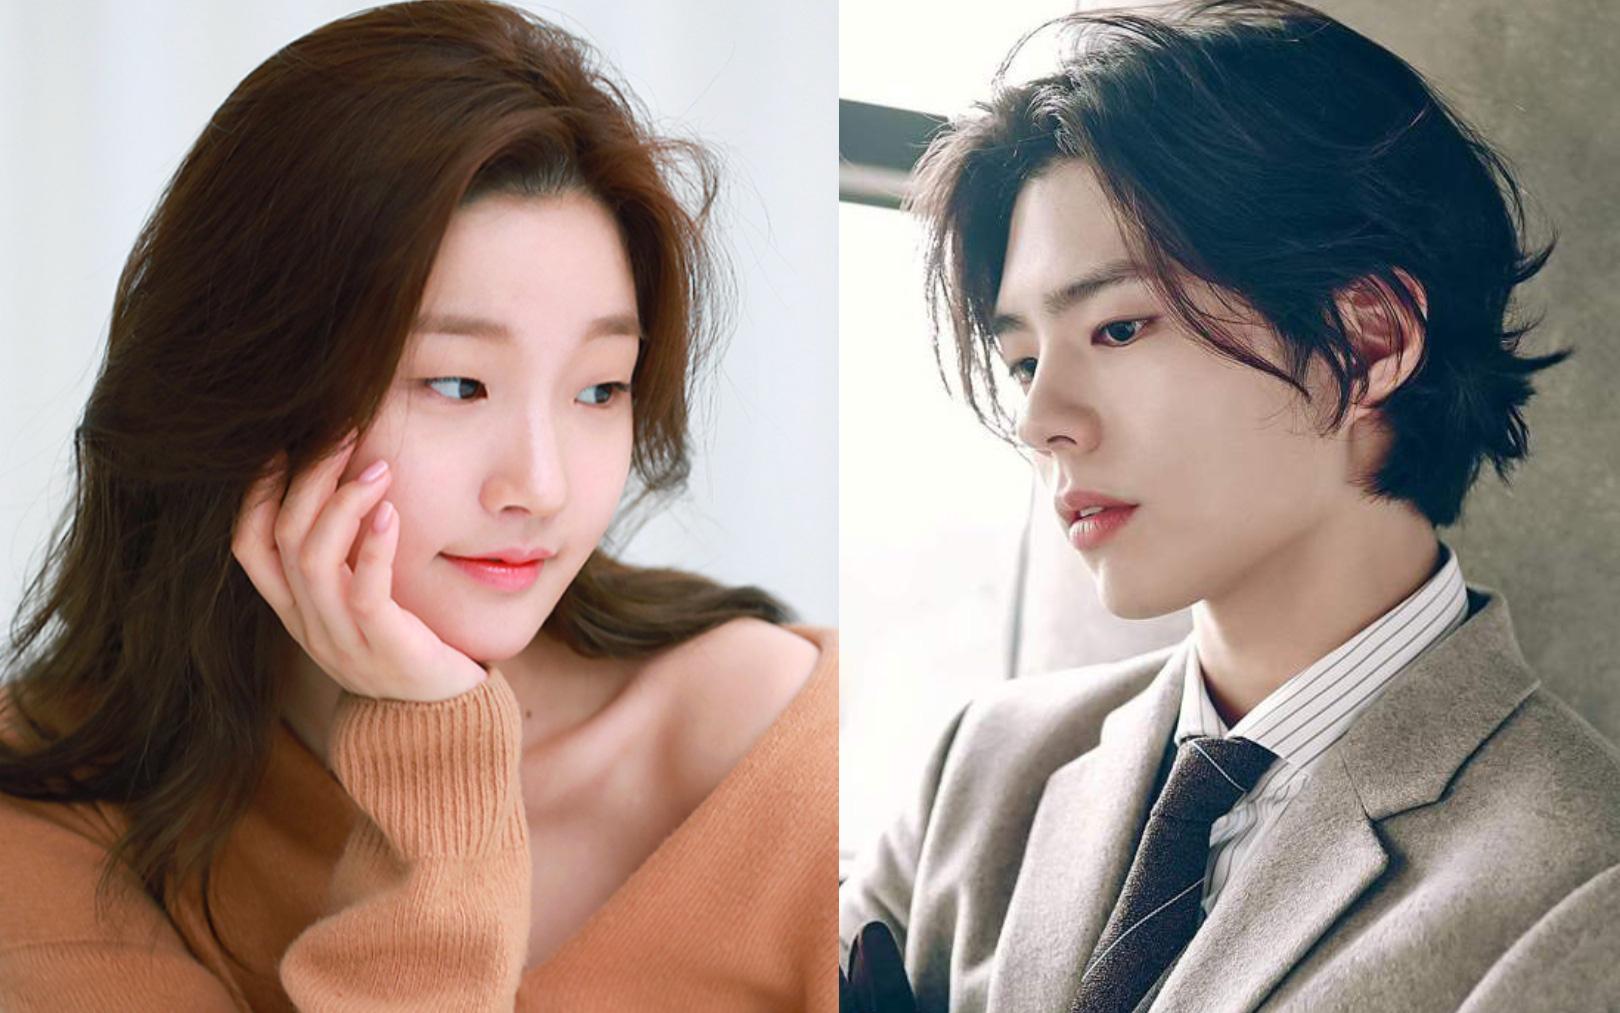 """Hậu """"yêu đương"""" với Song Hye Kyo, Park Bo Gum xác nhận nên duyên cùng mỹ nhân """"Ký sinh trùng"""" trong phim nói về showbiz Hàn"""